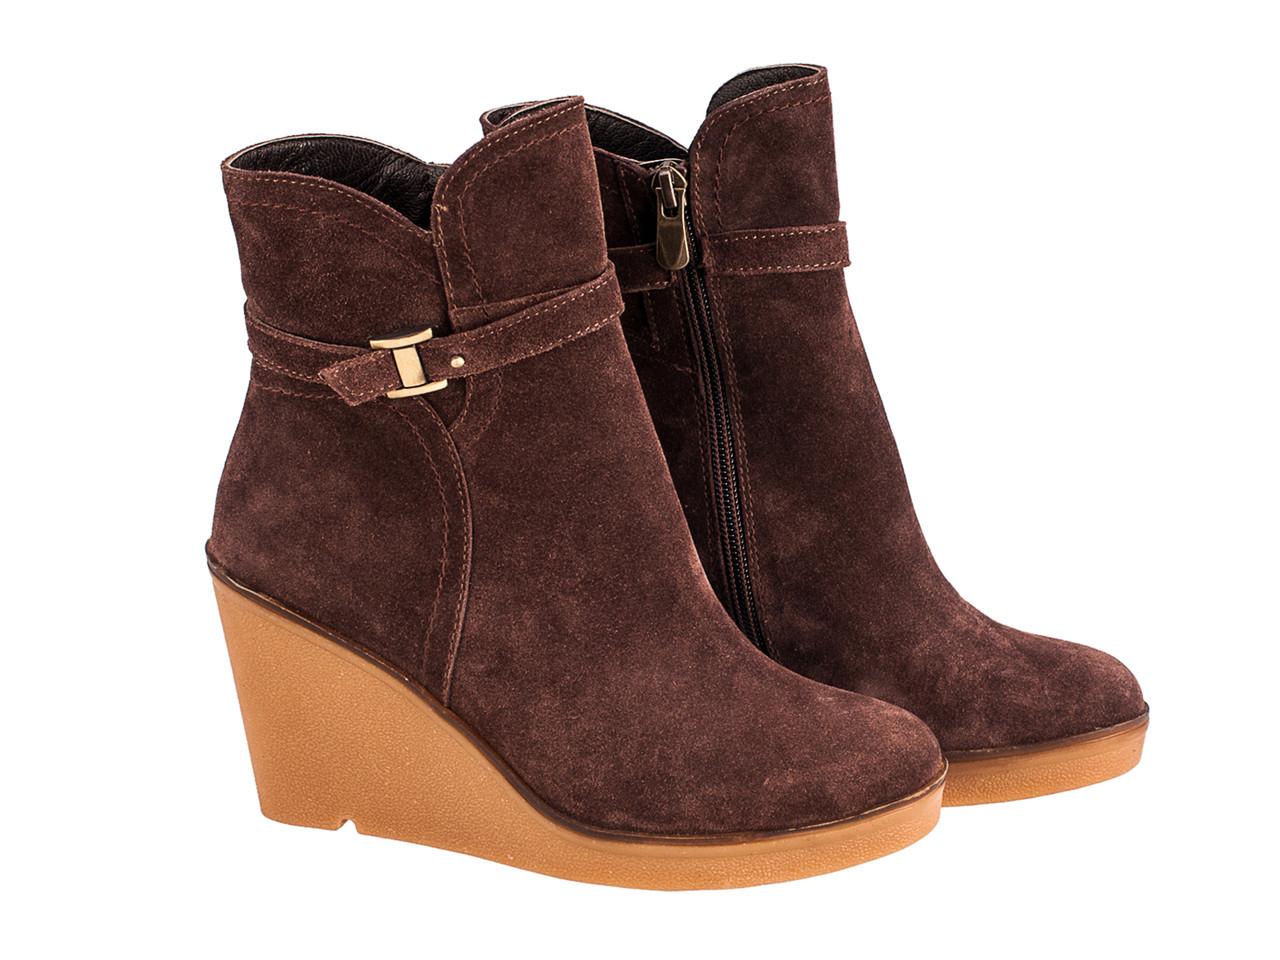 Ботинки Etor 5905-02510-1-0041 коричневые